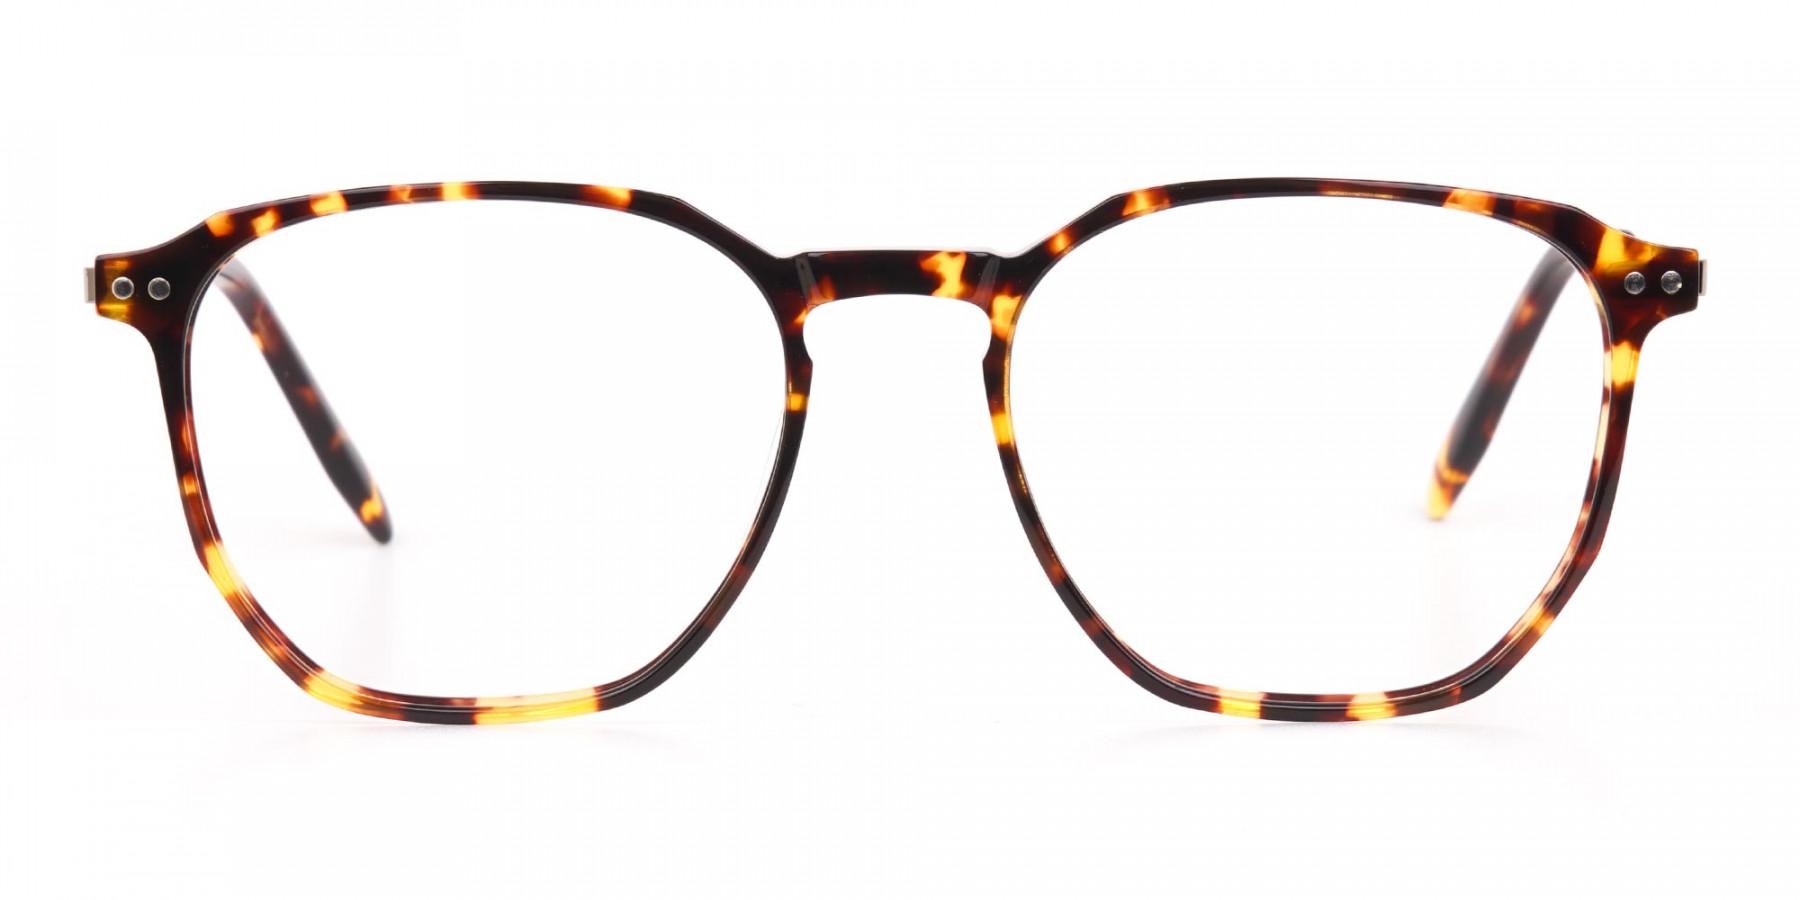 Tortoise Geometric Glasses Frame Unisex-1